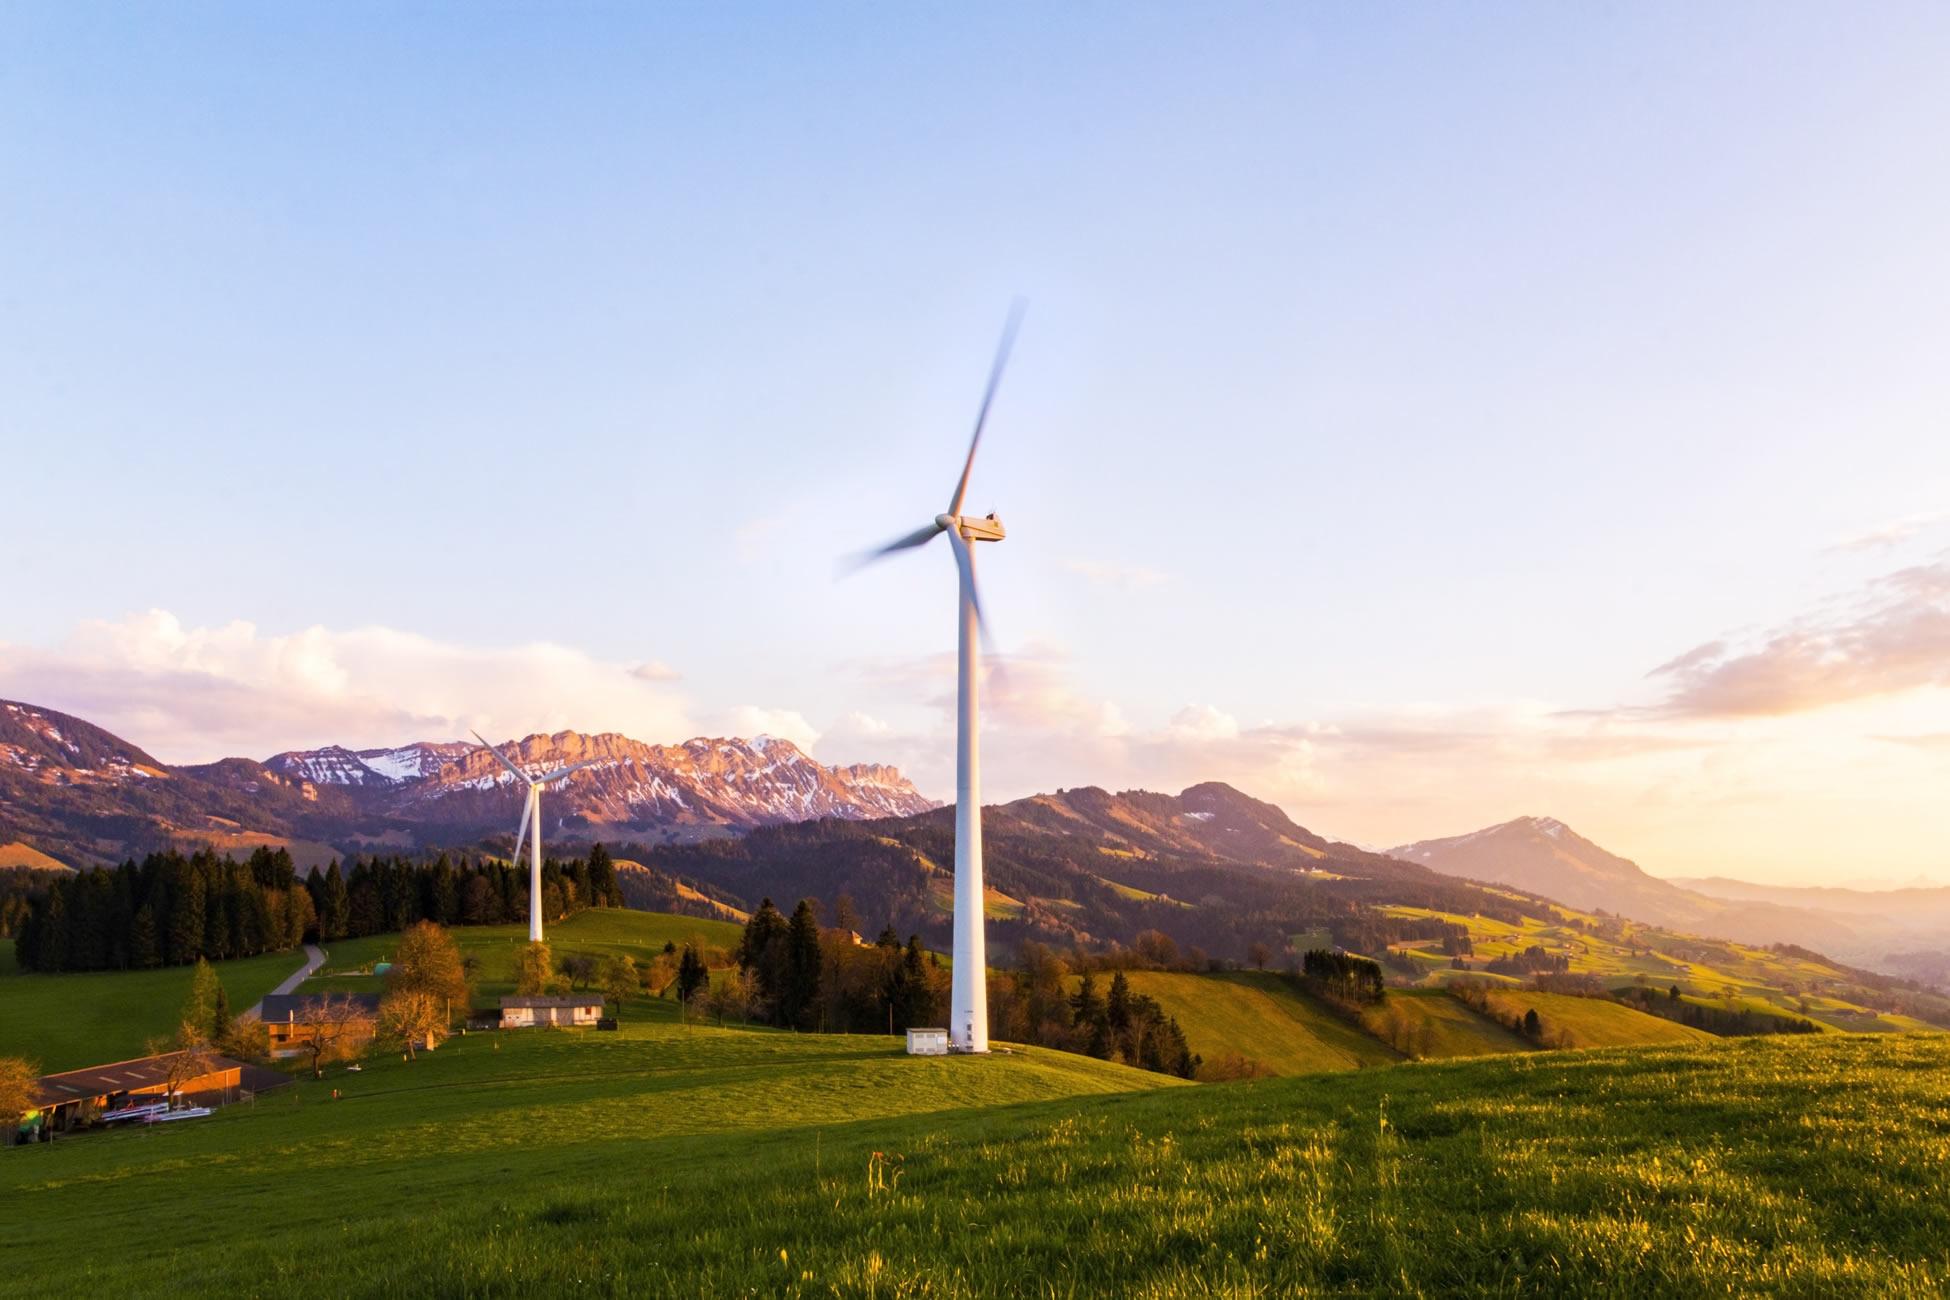 Za 30 let bude polovina elektřiny ve světě ze slunce a větru. V Česku z uranu